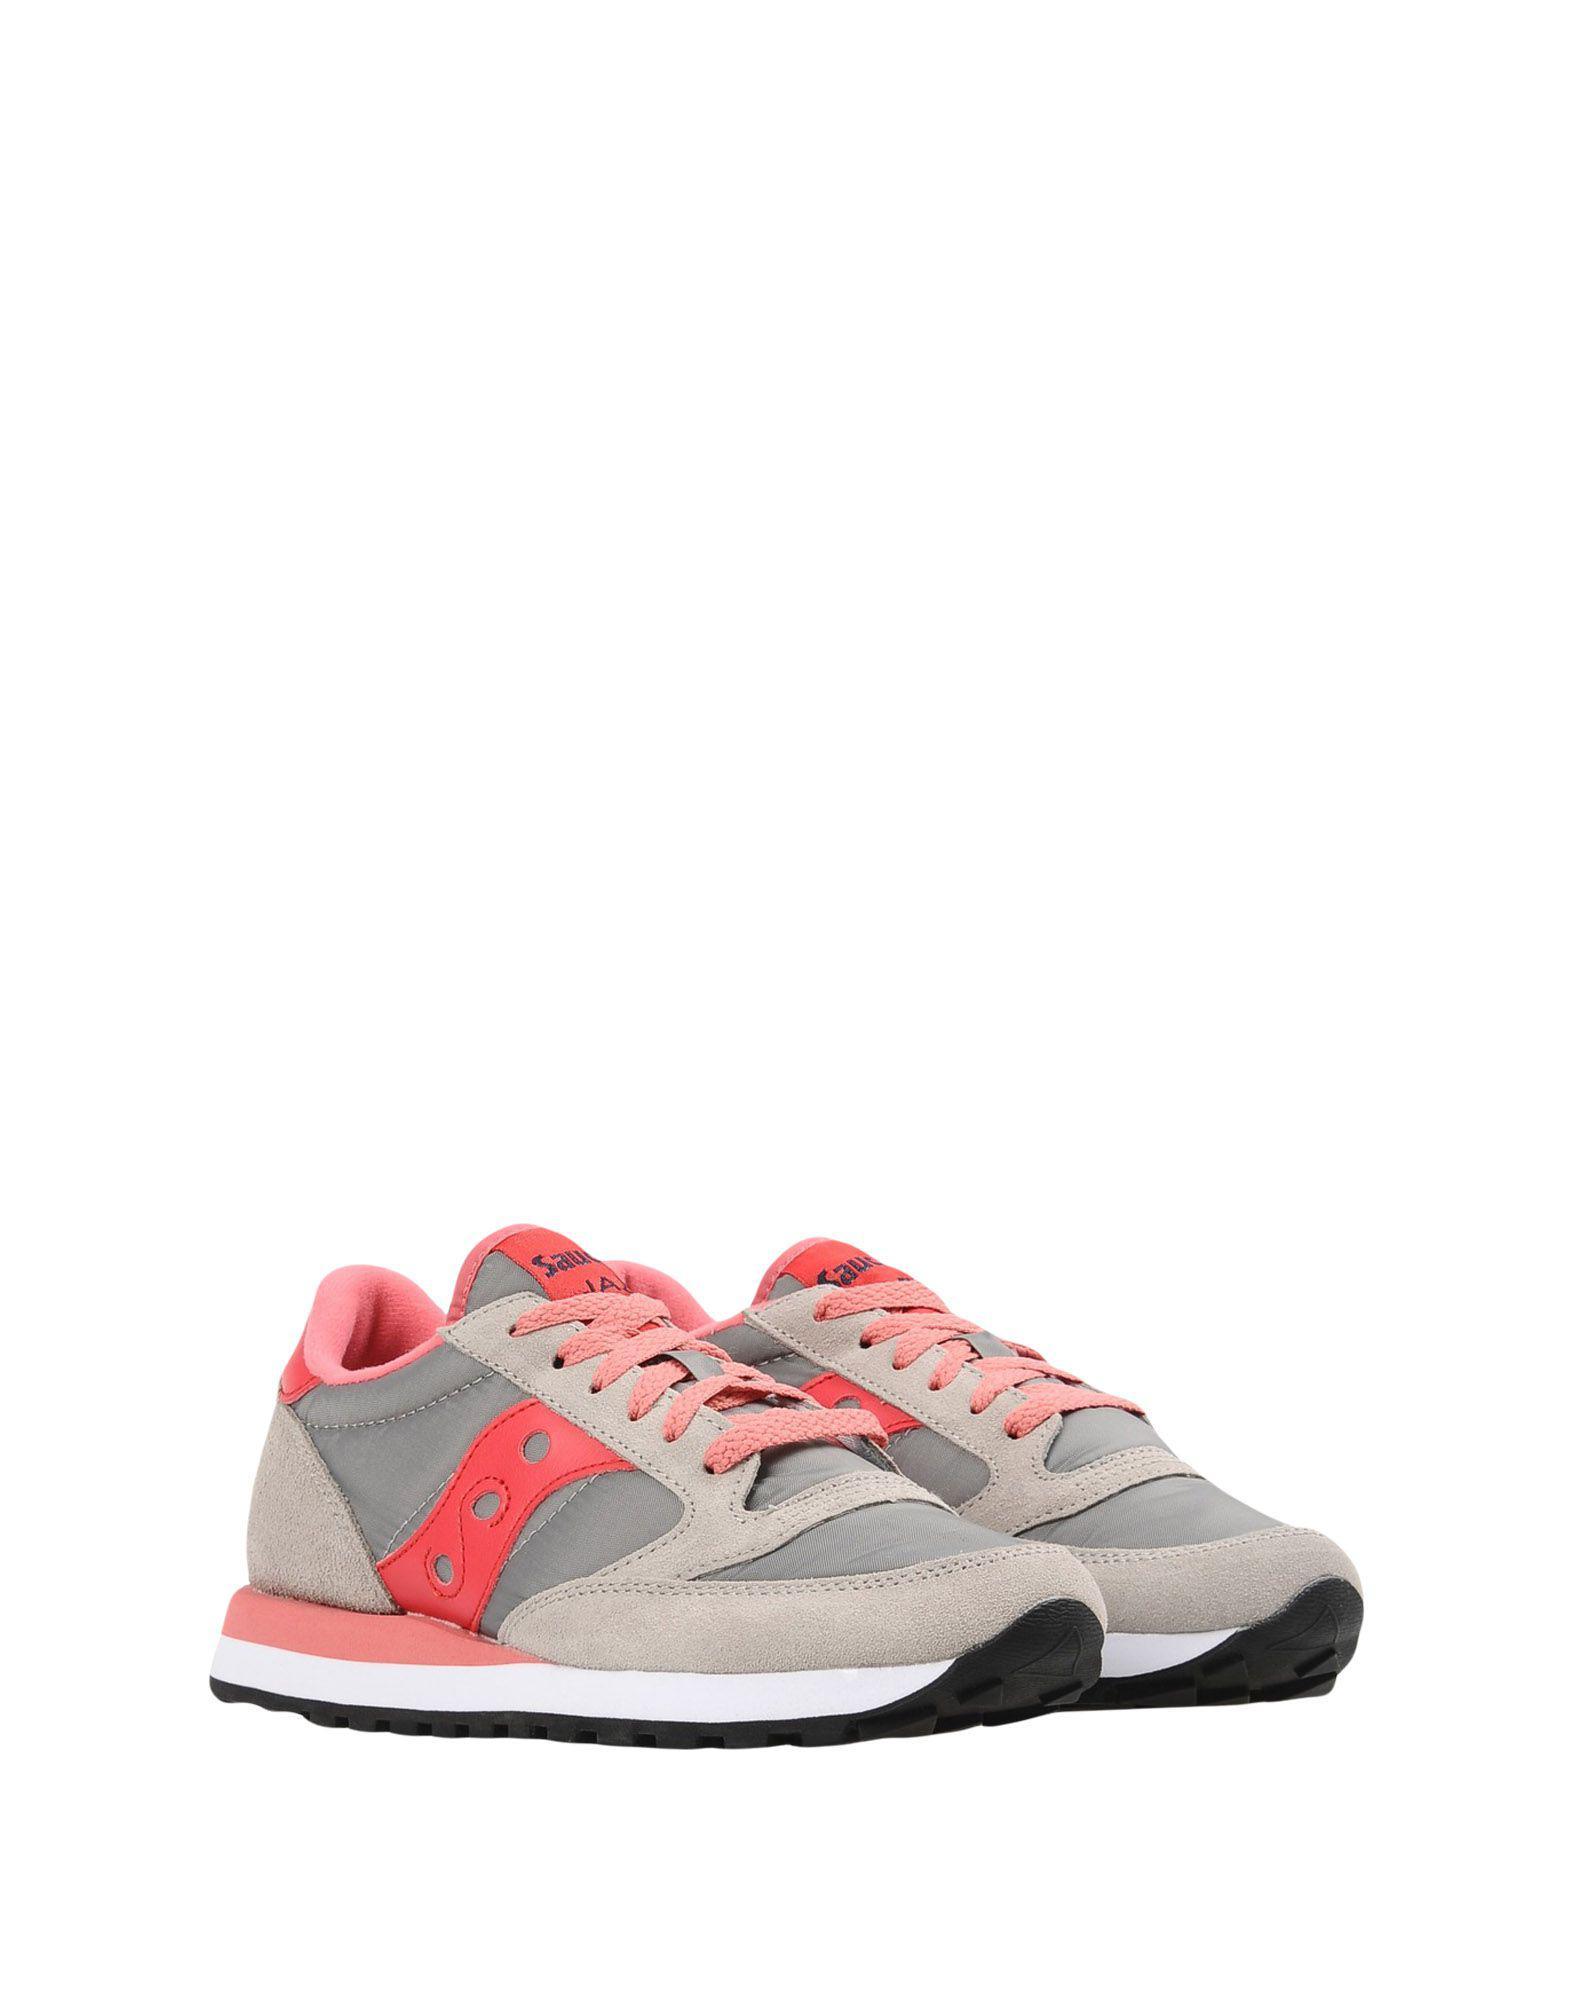 Saucony Suede Low-tops & Sneakers in Grey (Grey)